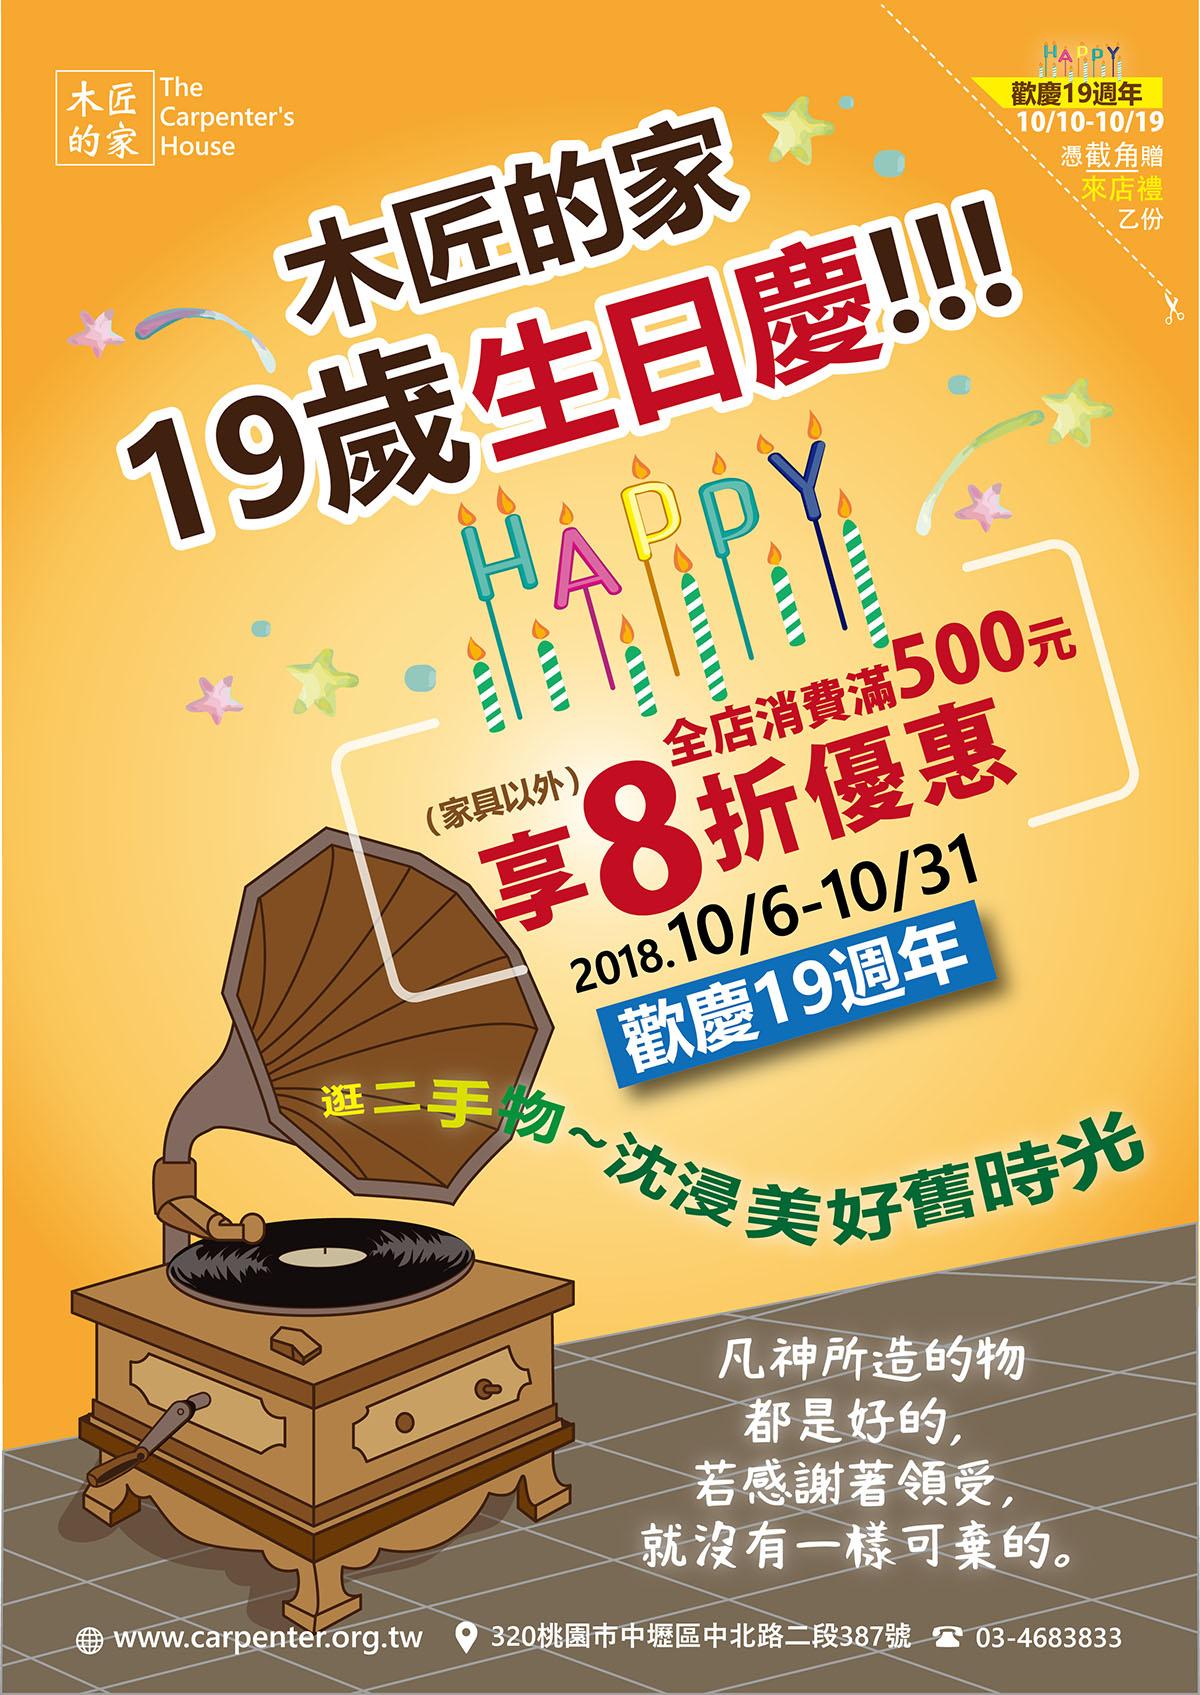 木匠的家19歲生日慶~公益消費滿5百享8折優惠